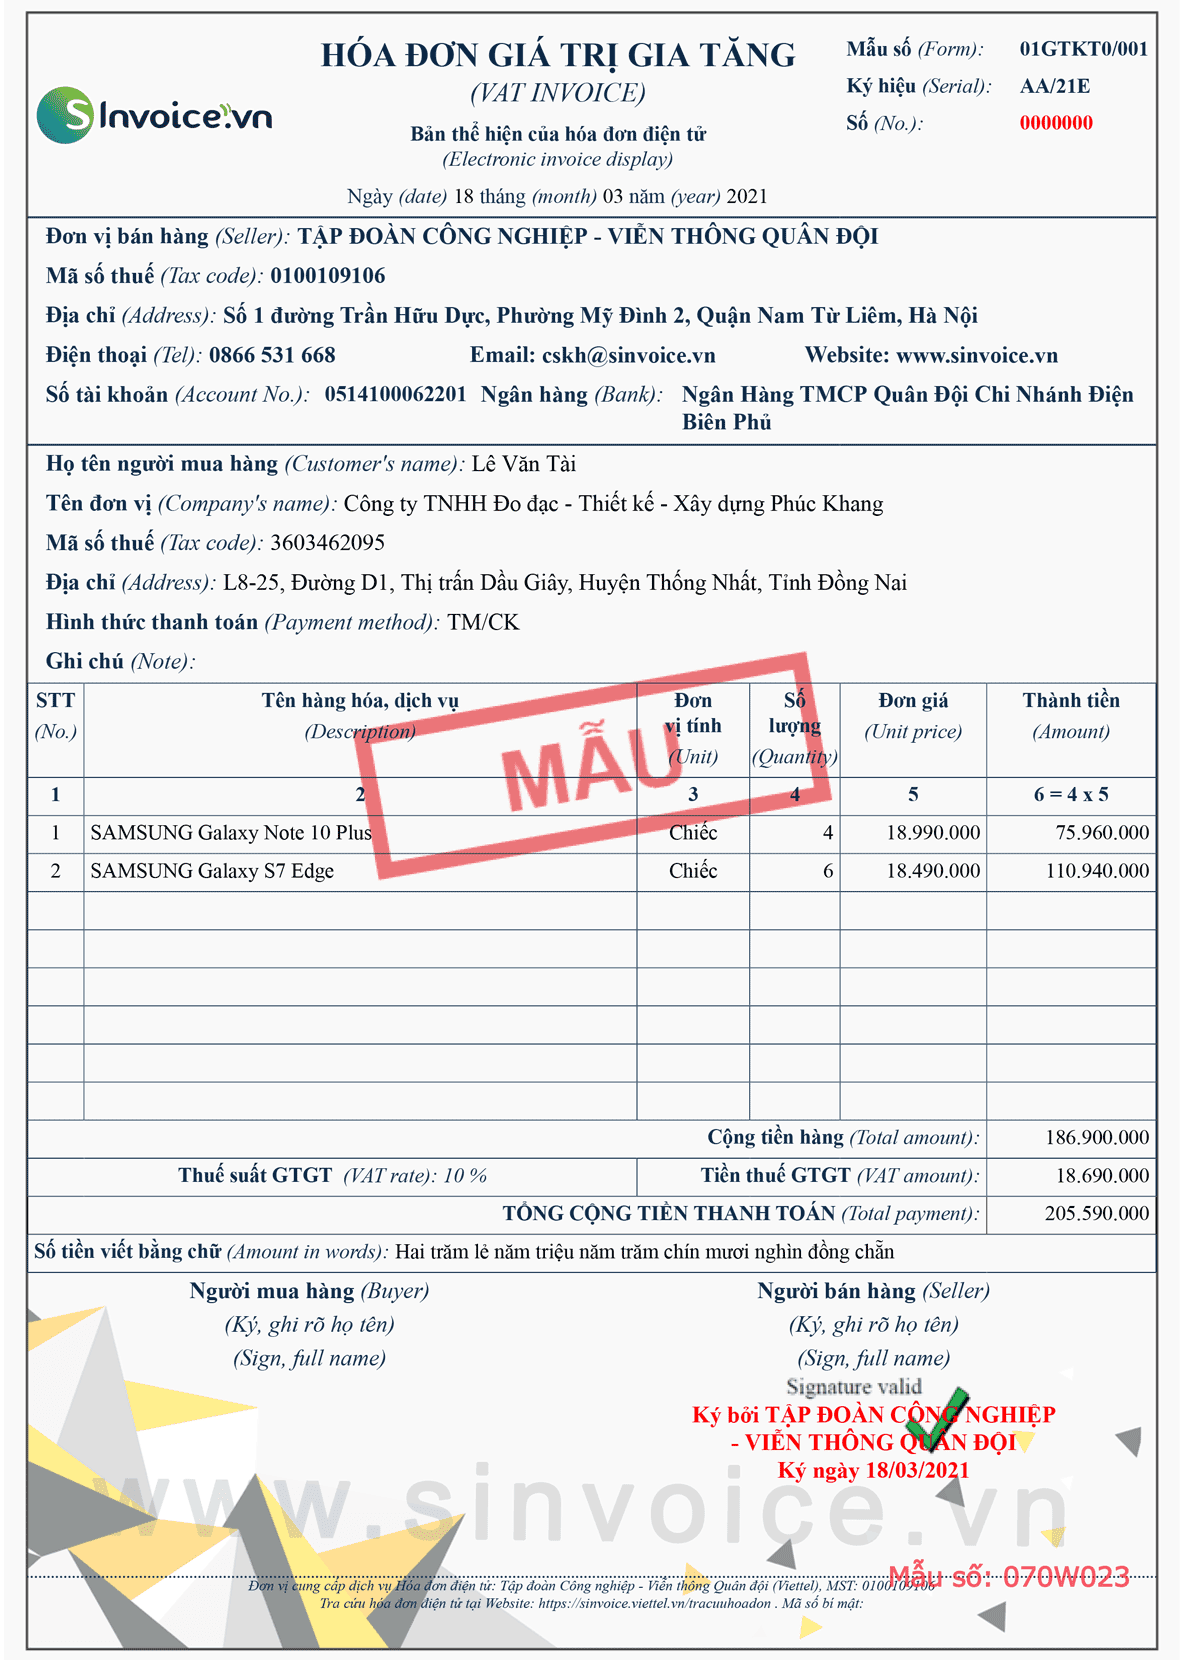 Mẫu hóa đơn điện tử số 070W023